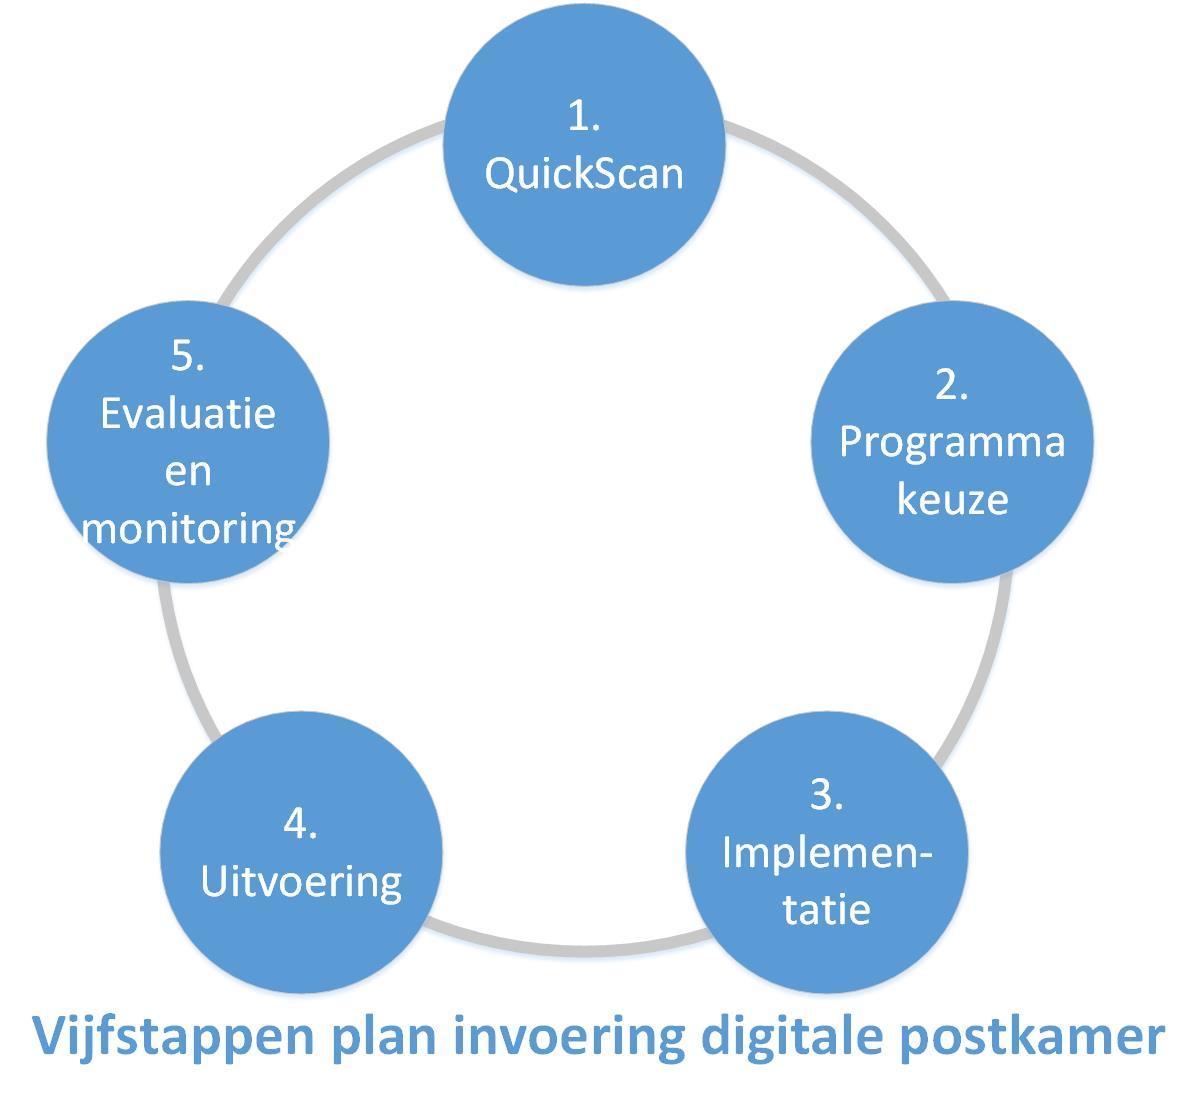 Vijfstappenplan invoering digitale postkamer. 1. QuickScan. 2. Programmakeuze. 3. Implementatie. 4. Uitvoering. 5. Evaluatie en monitoring.